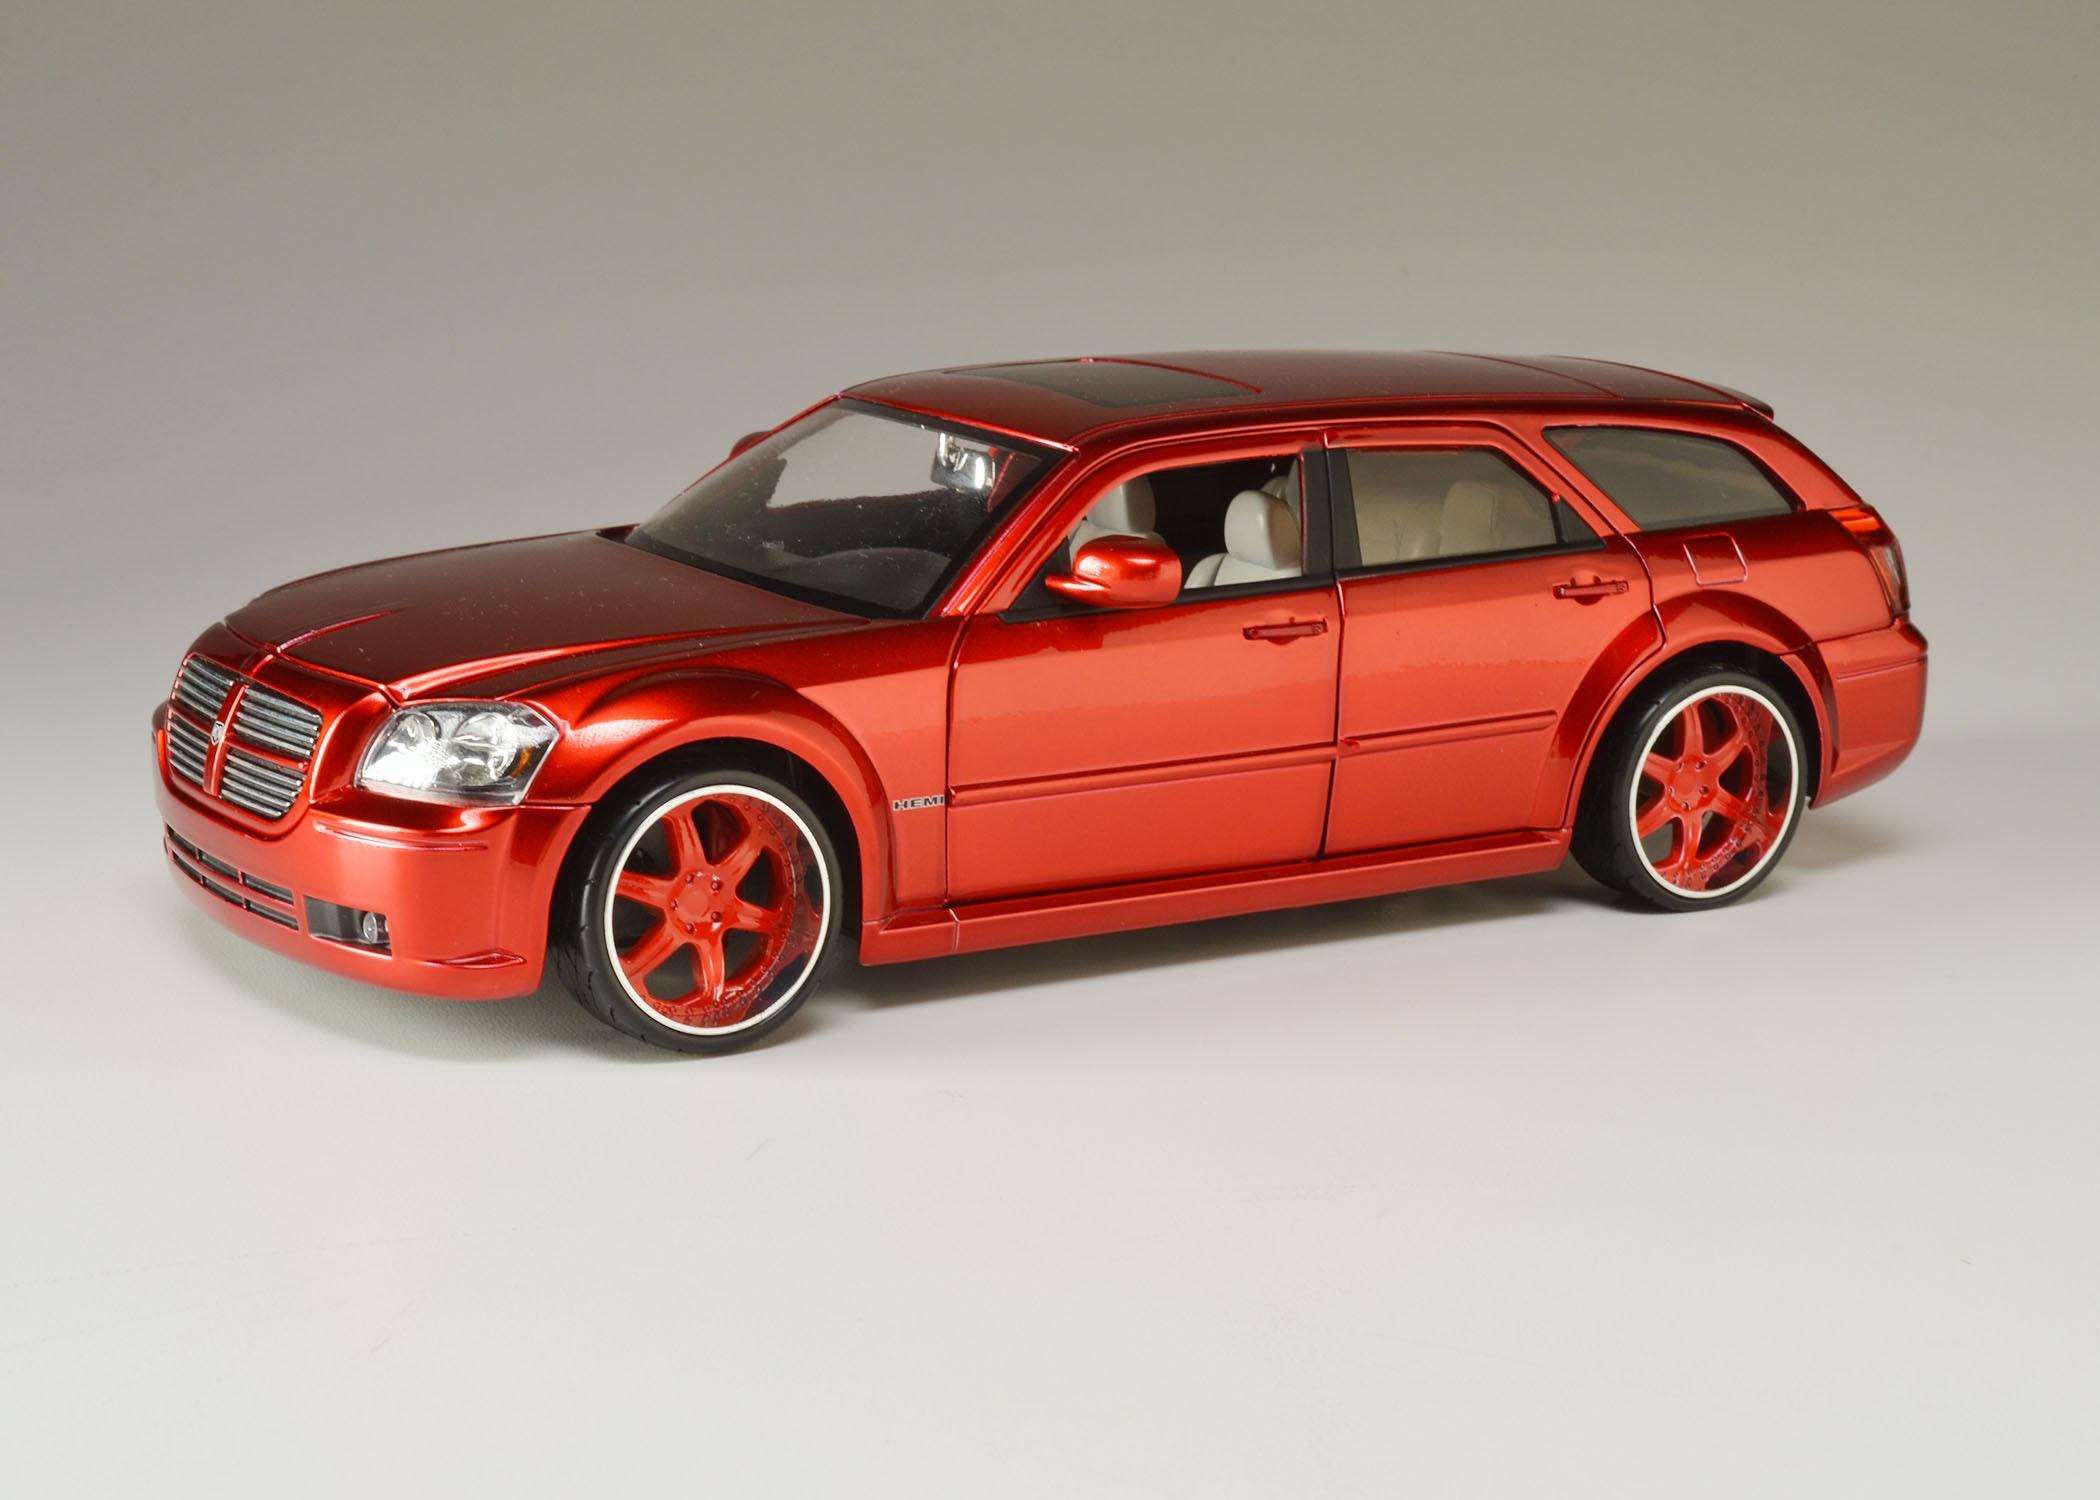 jada 2006 dodge magnum r/t die-cast model car : ebth